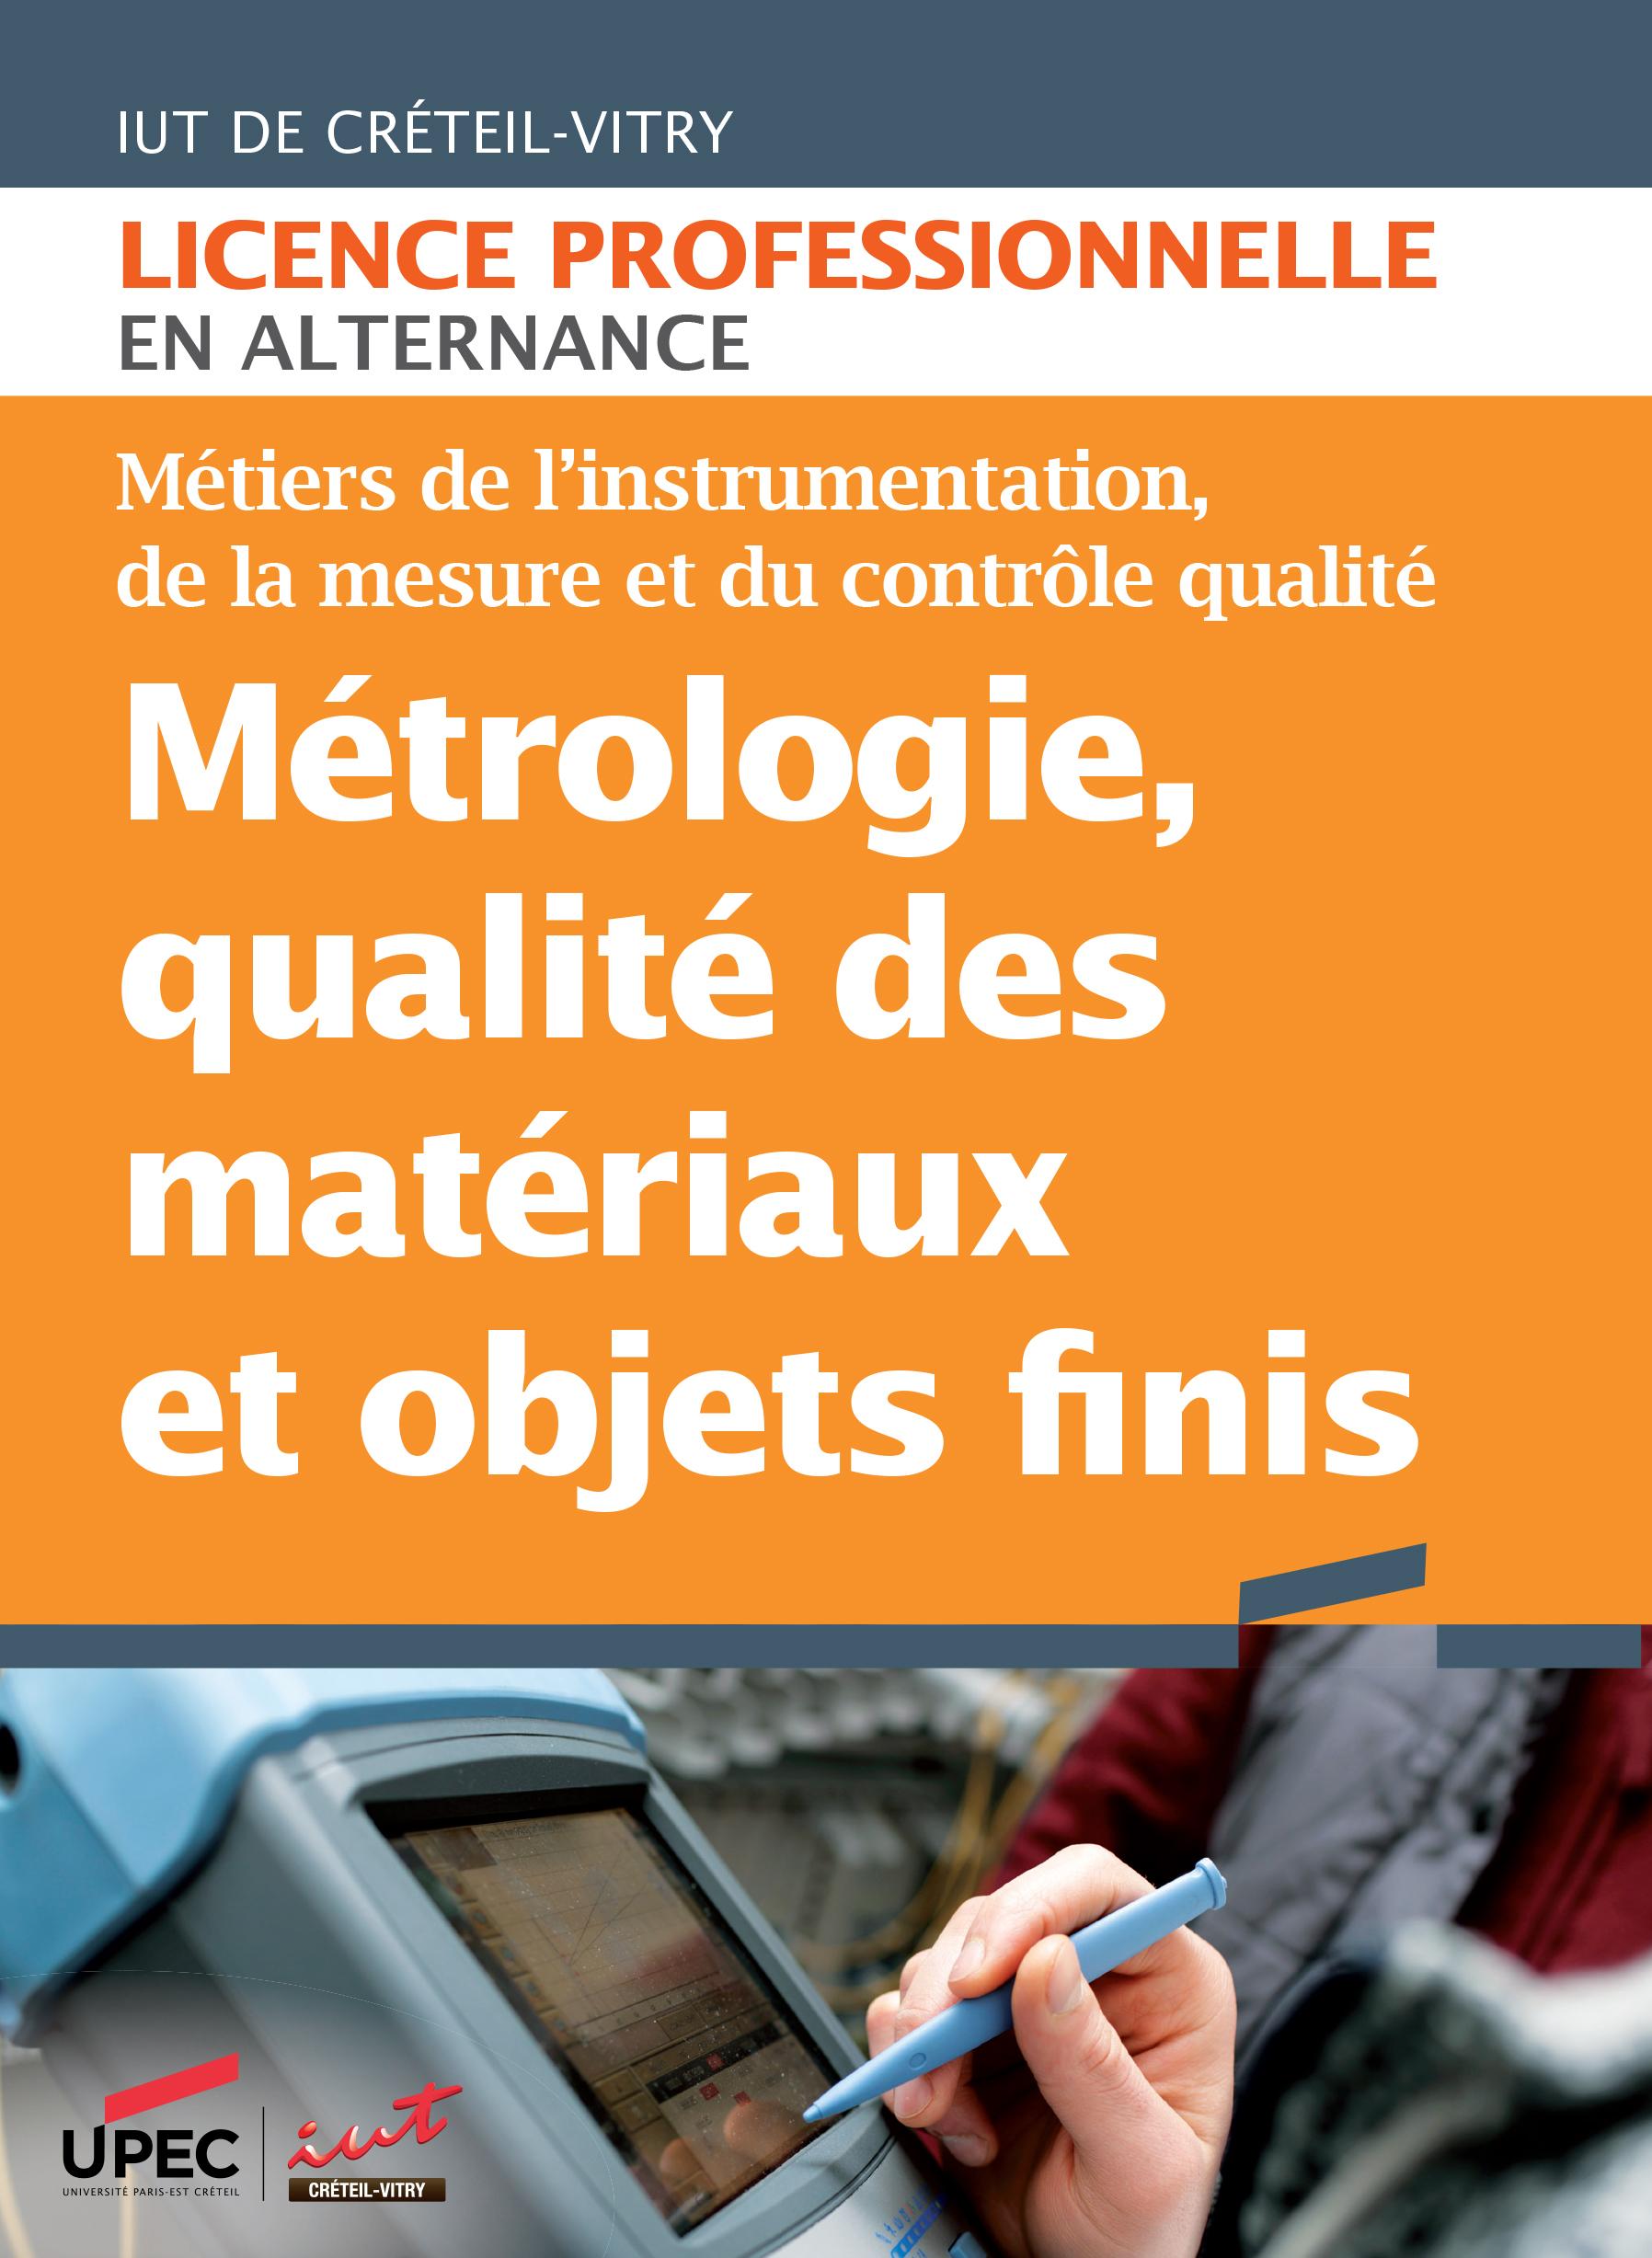 Plaquette licence professionnelle Métrologie, qualité des matériaux et objets finis